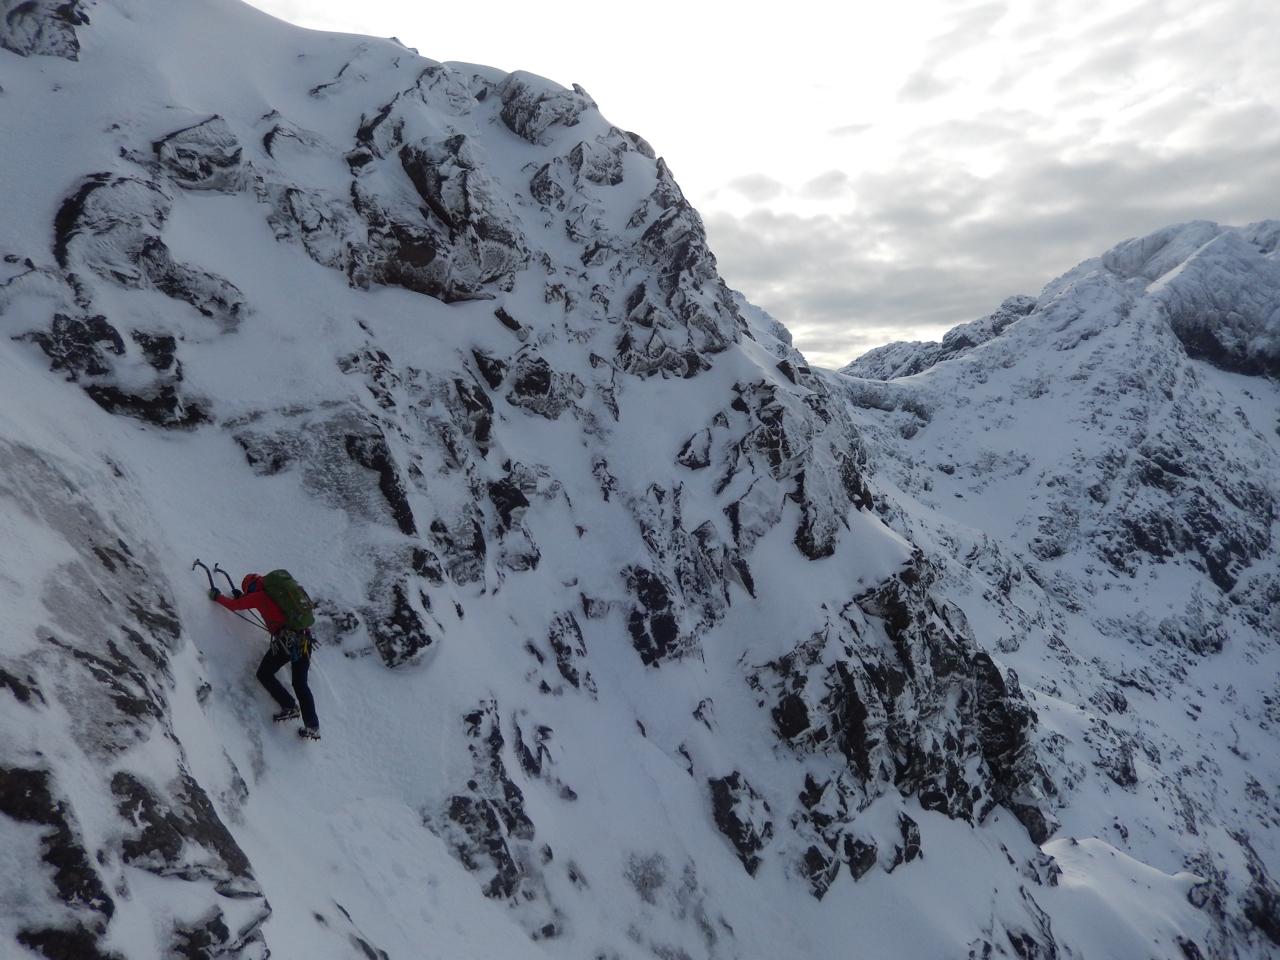 Short grade III step on upper slopes